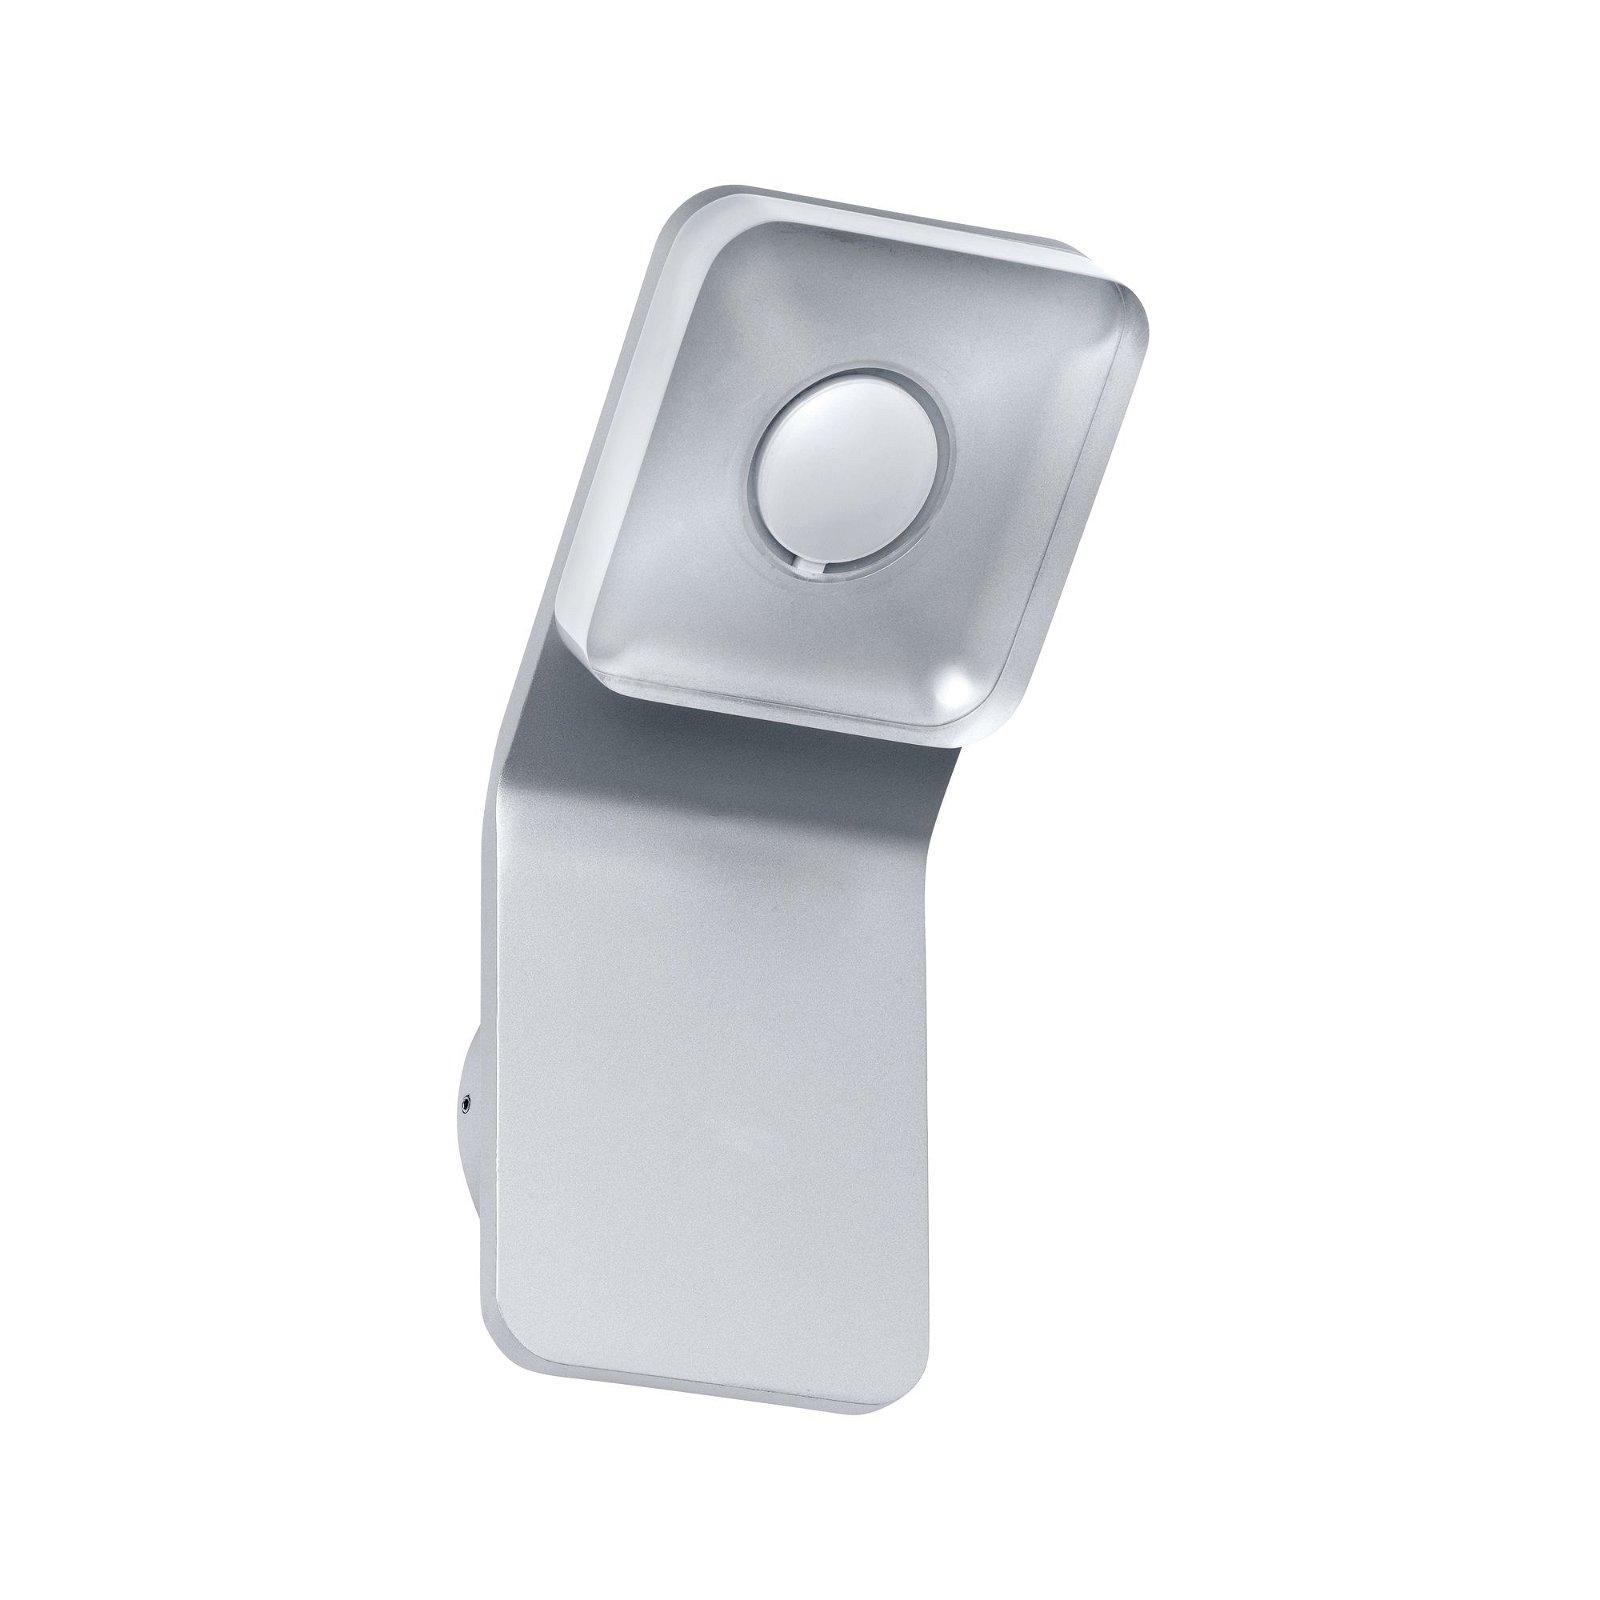 Wand- en spiegellamp vierkant Tucana LED IP44 4,5 W Alu, helder, metaal, acryl